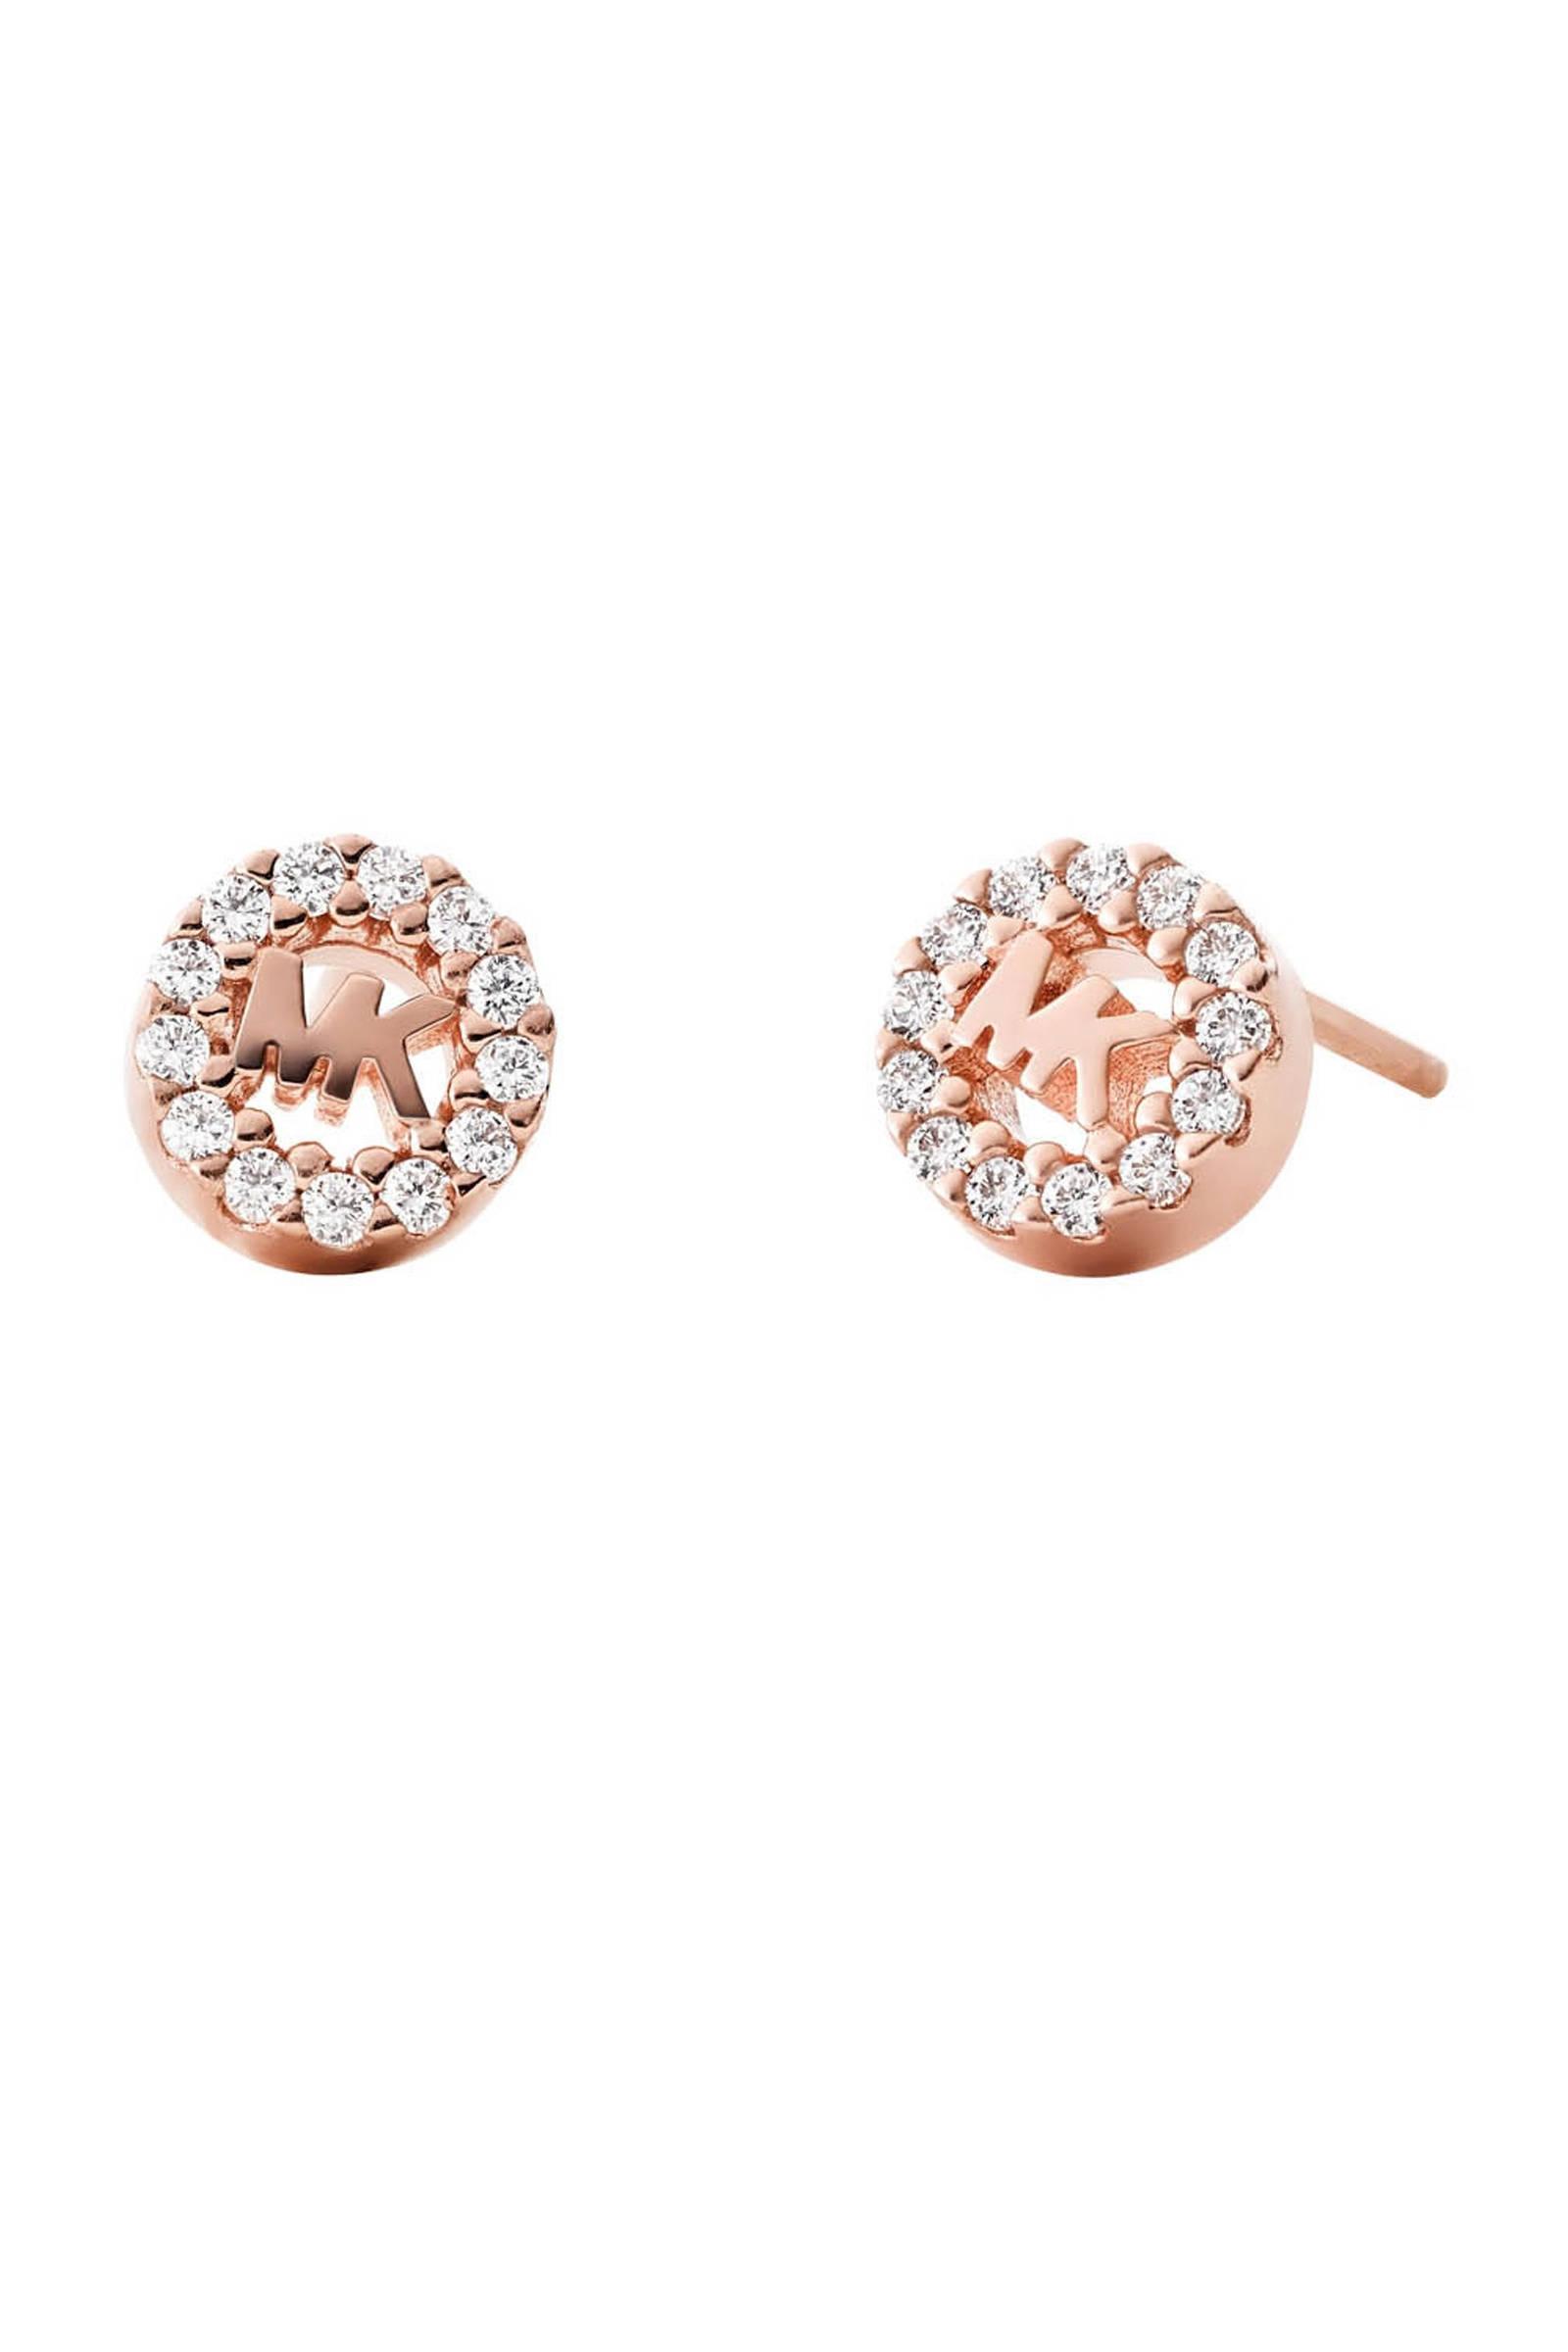 zilveren oorbellen MKC1033AN791 roségoudkleurig